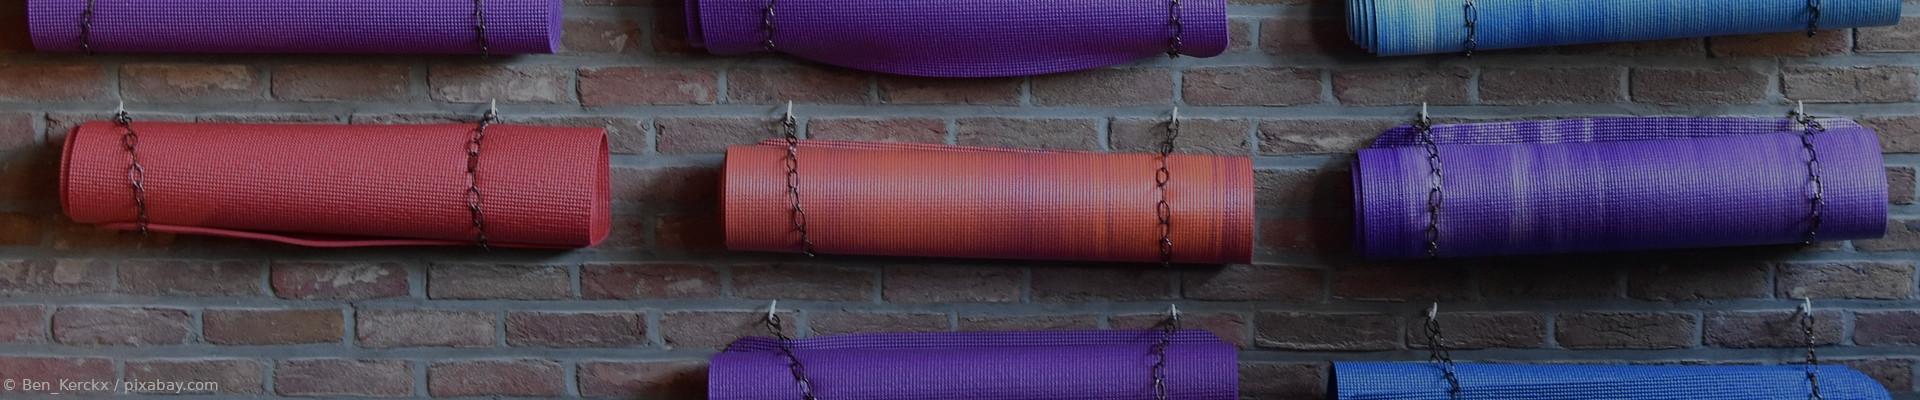 Viele Yogamatten an einer Wand